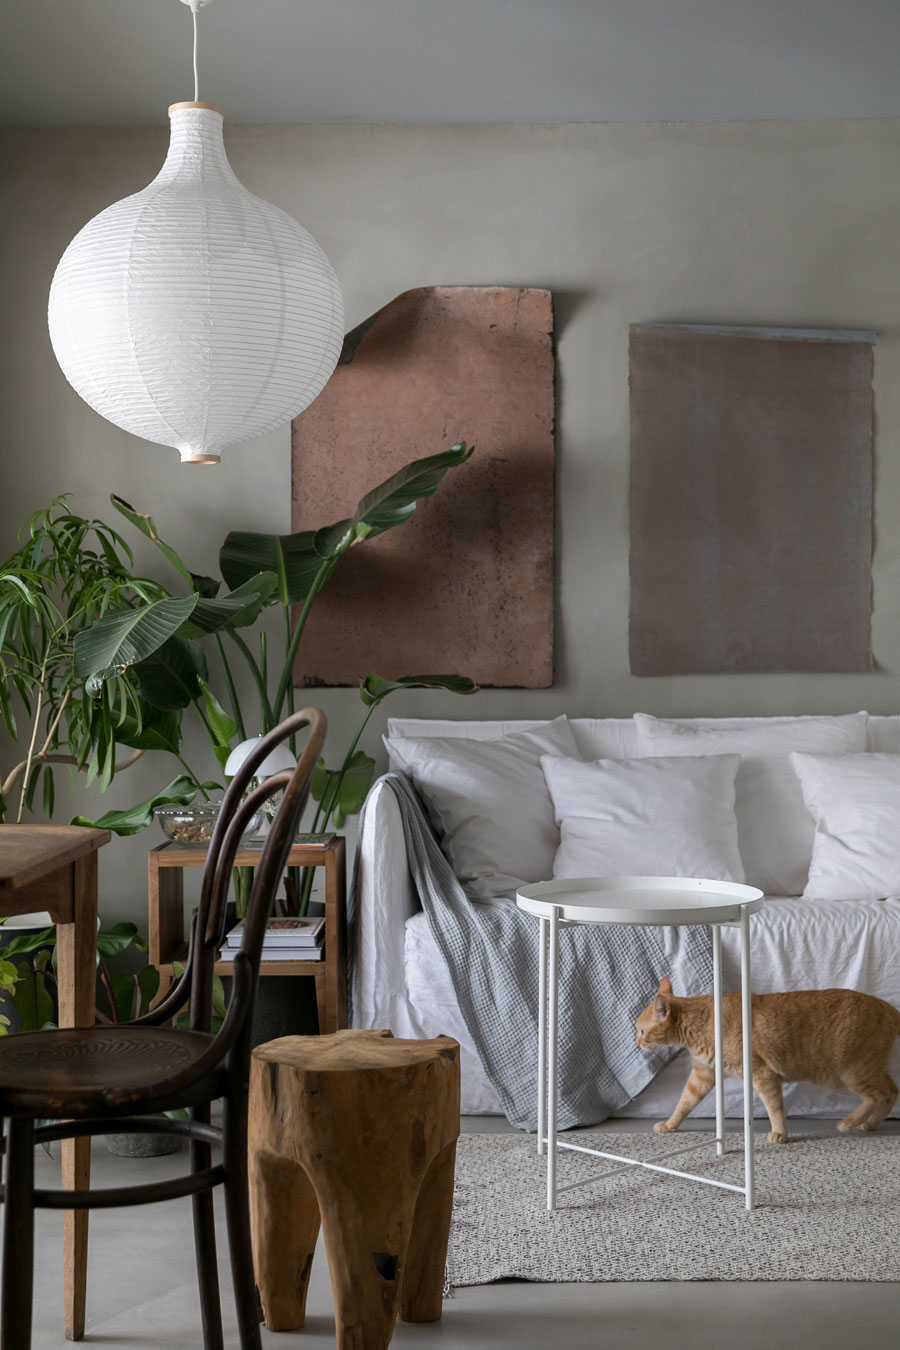 イタリアの高級家具ブランド「GERVASONI」のソファ、アイアン製のアート作品、「オルネ ド フォイユ」の切り株スツールなどが共演。白いテーブル、照明、ラグはIKEA。